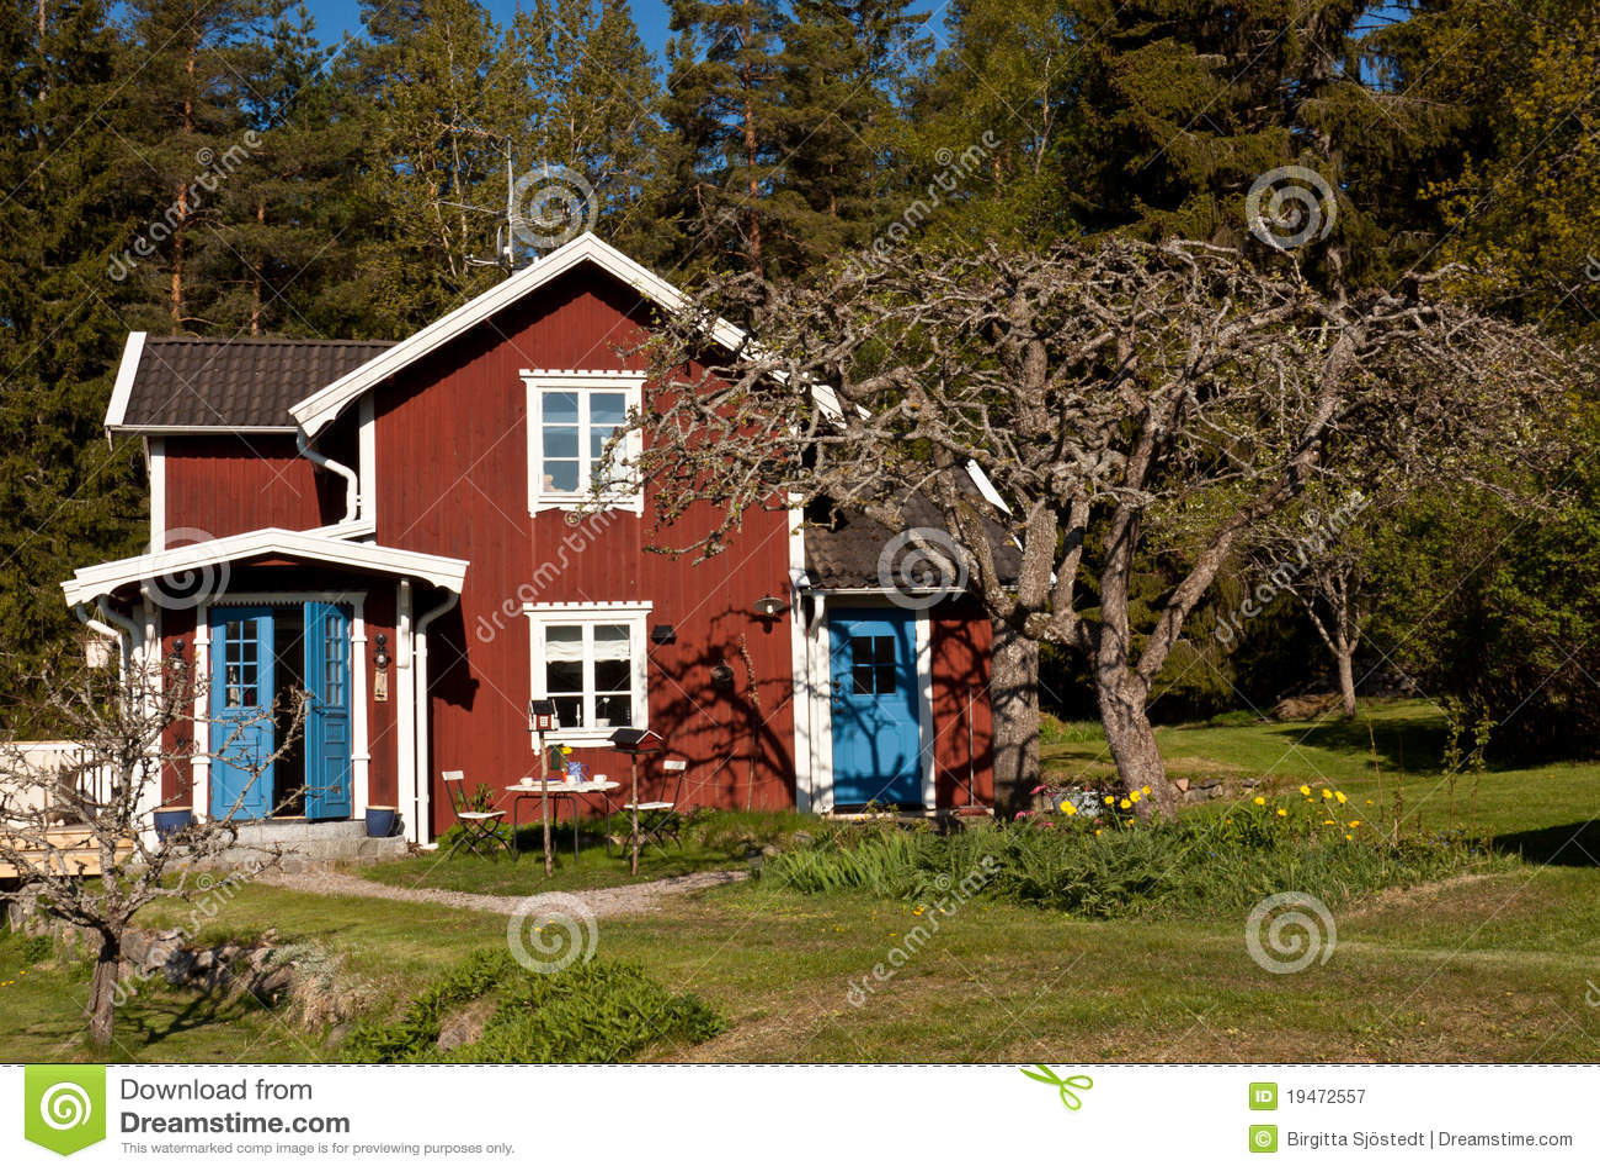 maison d 39 t idyllique en su de photographie stock libre de droits image 19472557. Black Bedroom Furniture Sets. Home Design Ideas